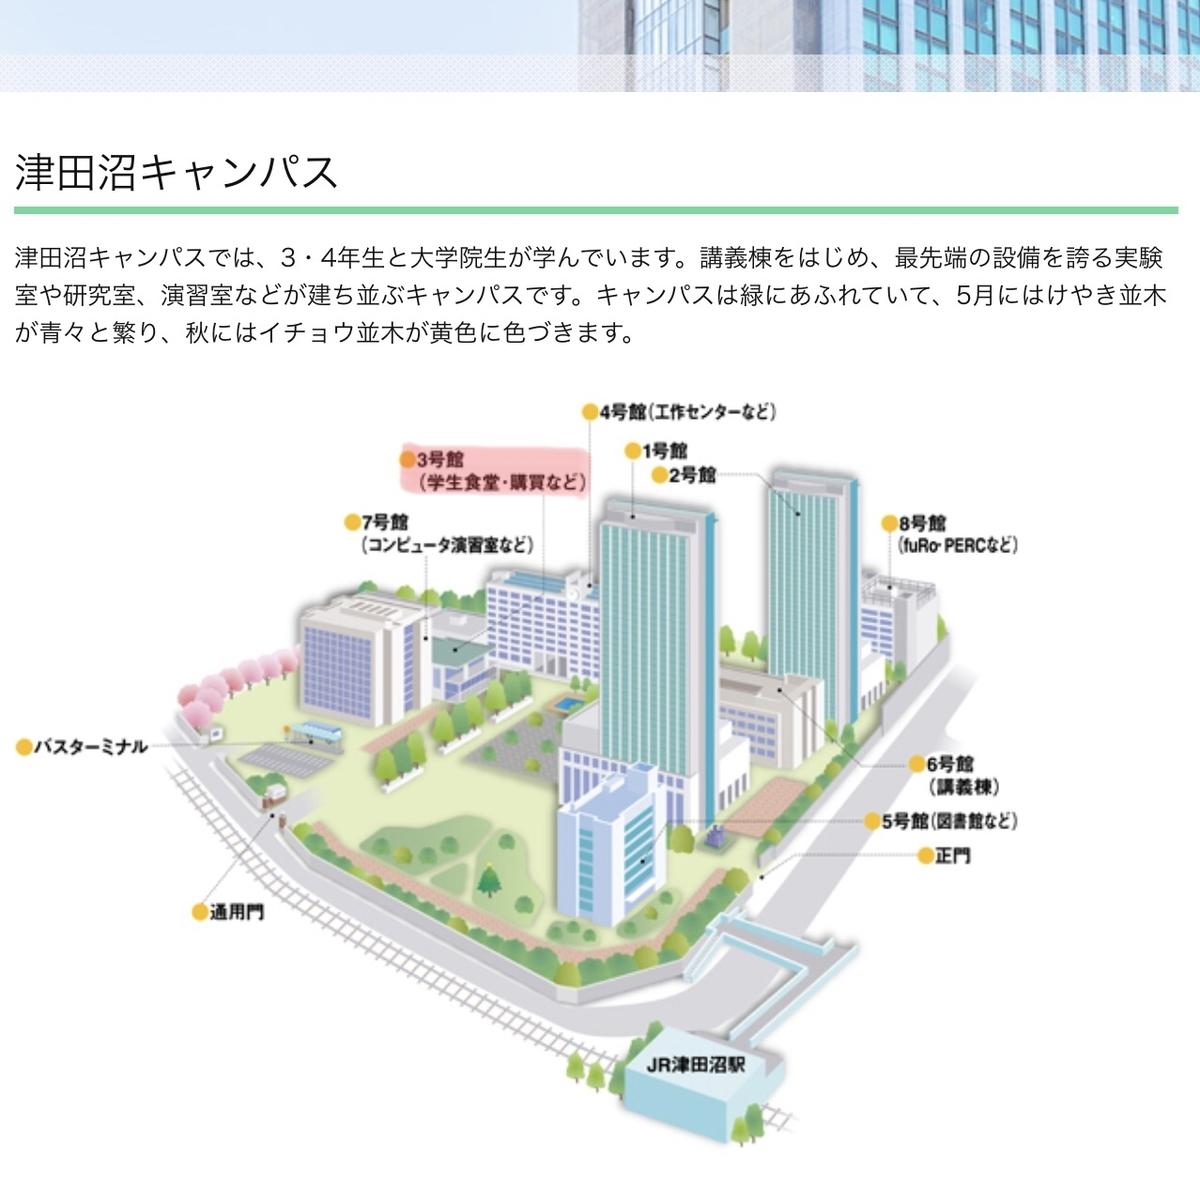 f:id:yumeusagiyukiusagi:20200109140458j:plain